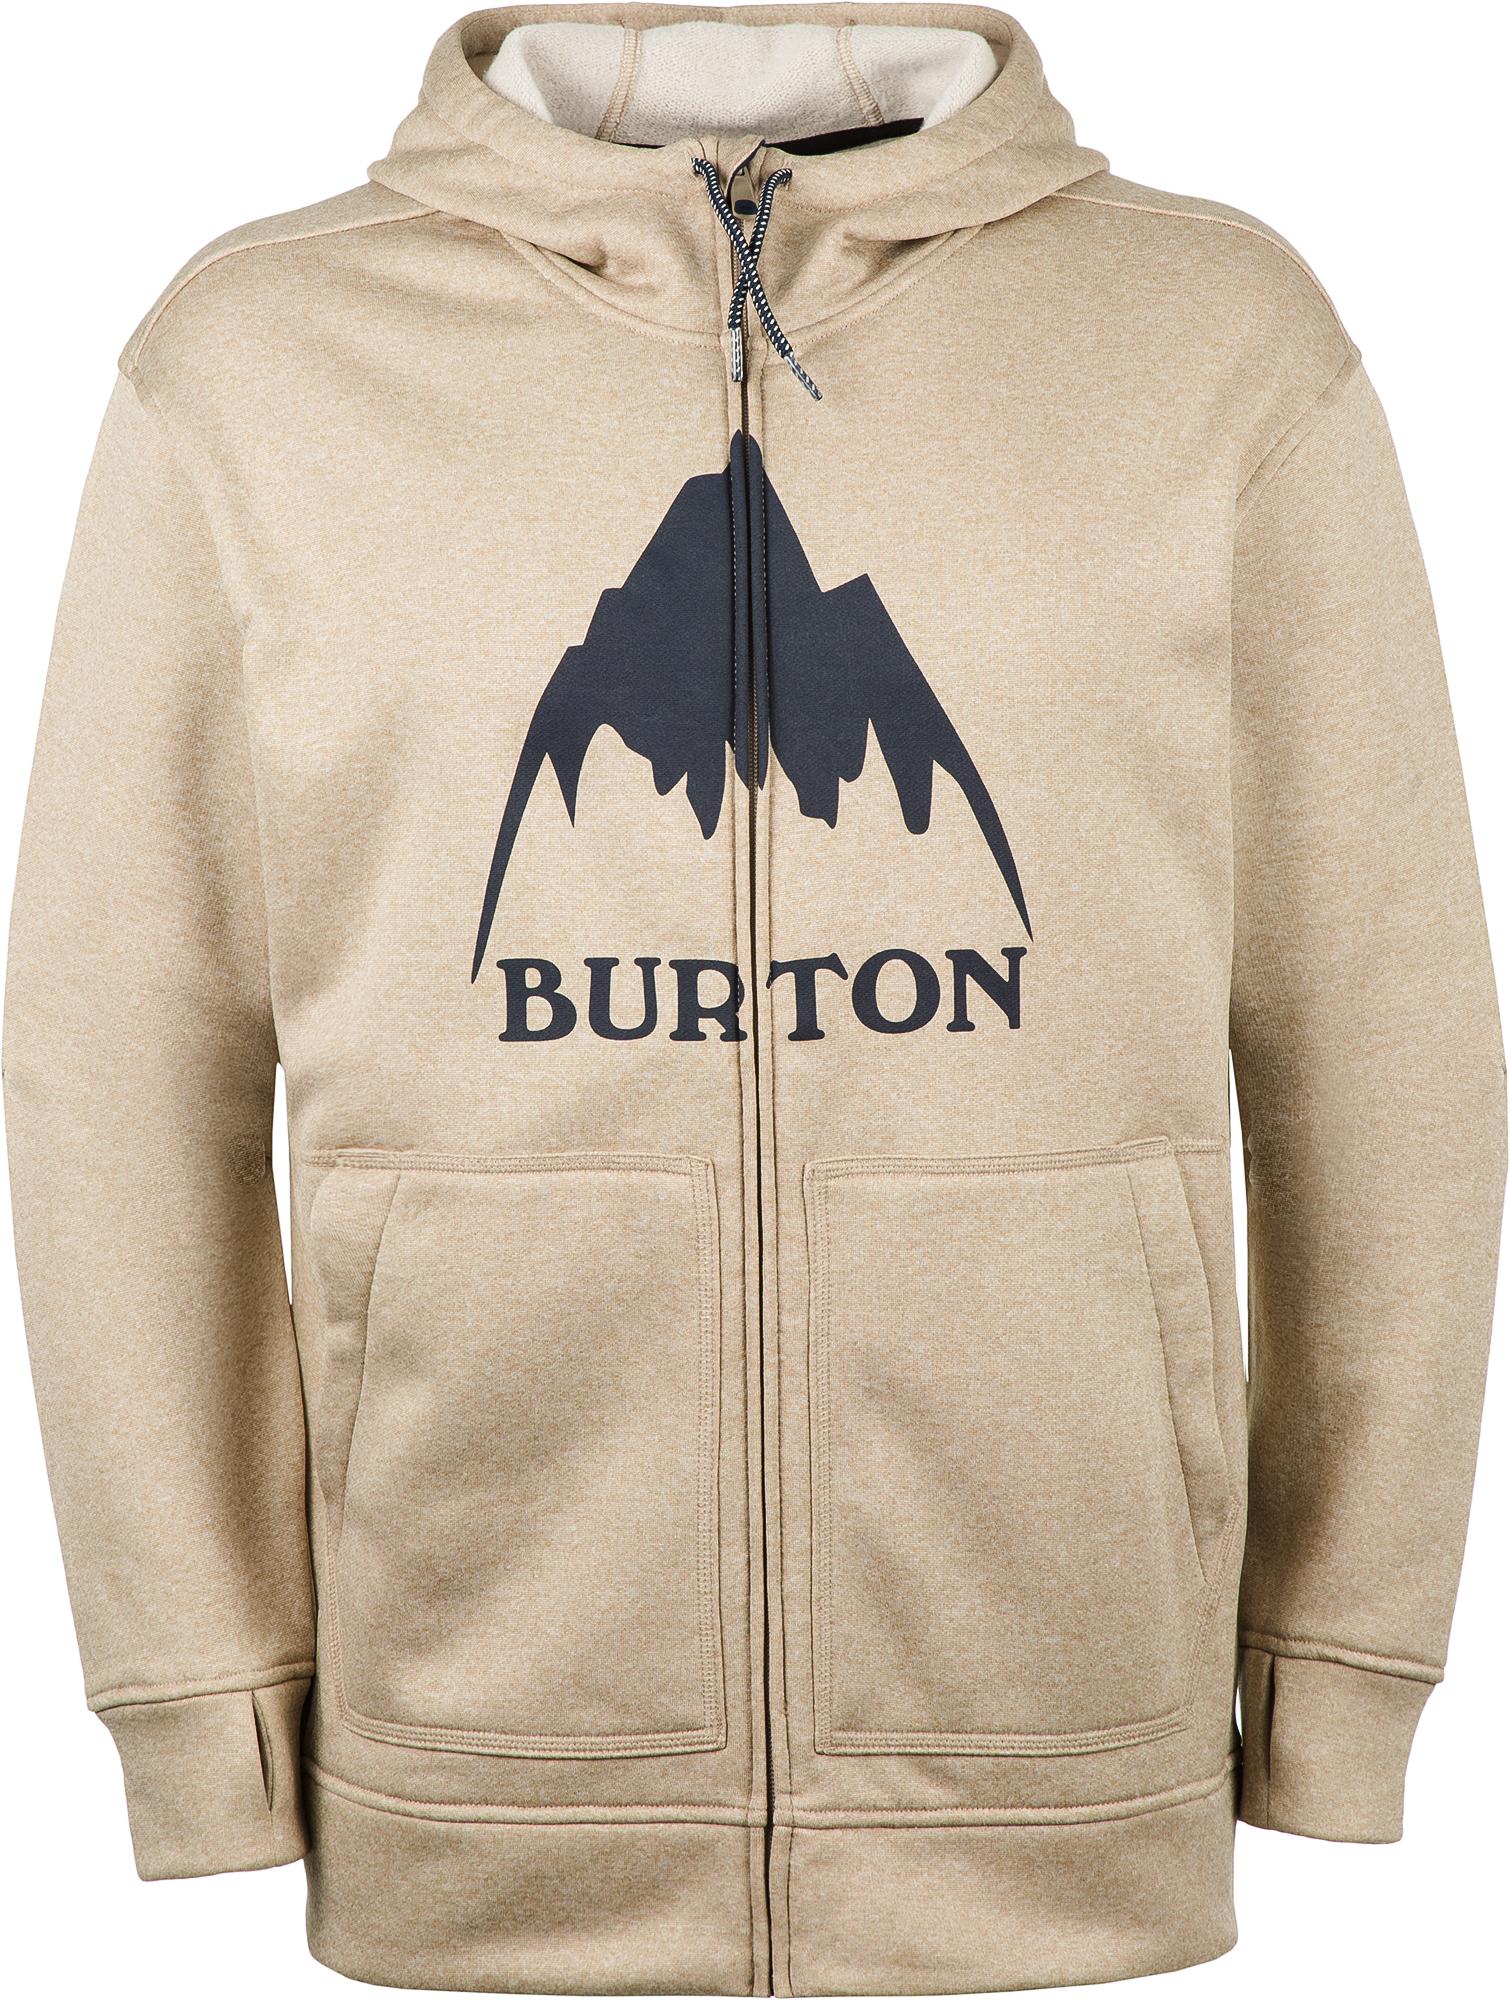 Burton Толстовка мужская Burton Oak, размер 52-54